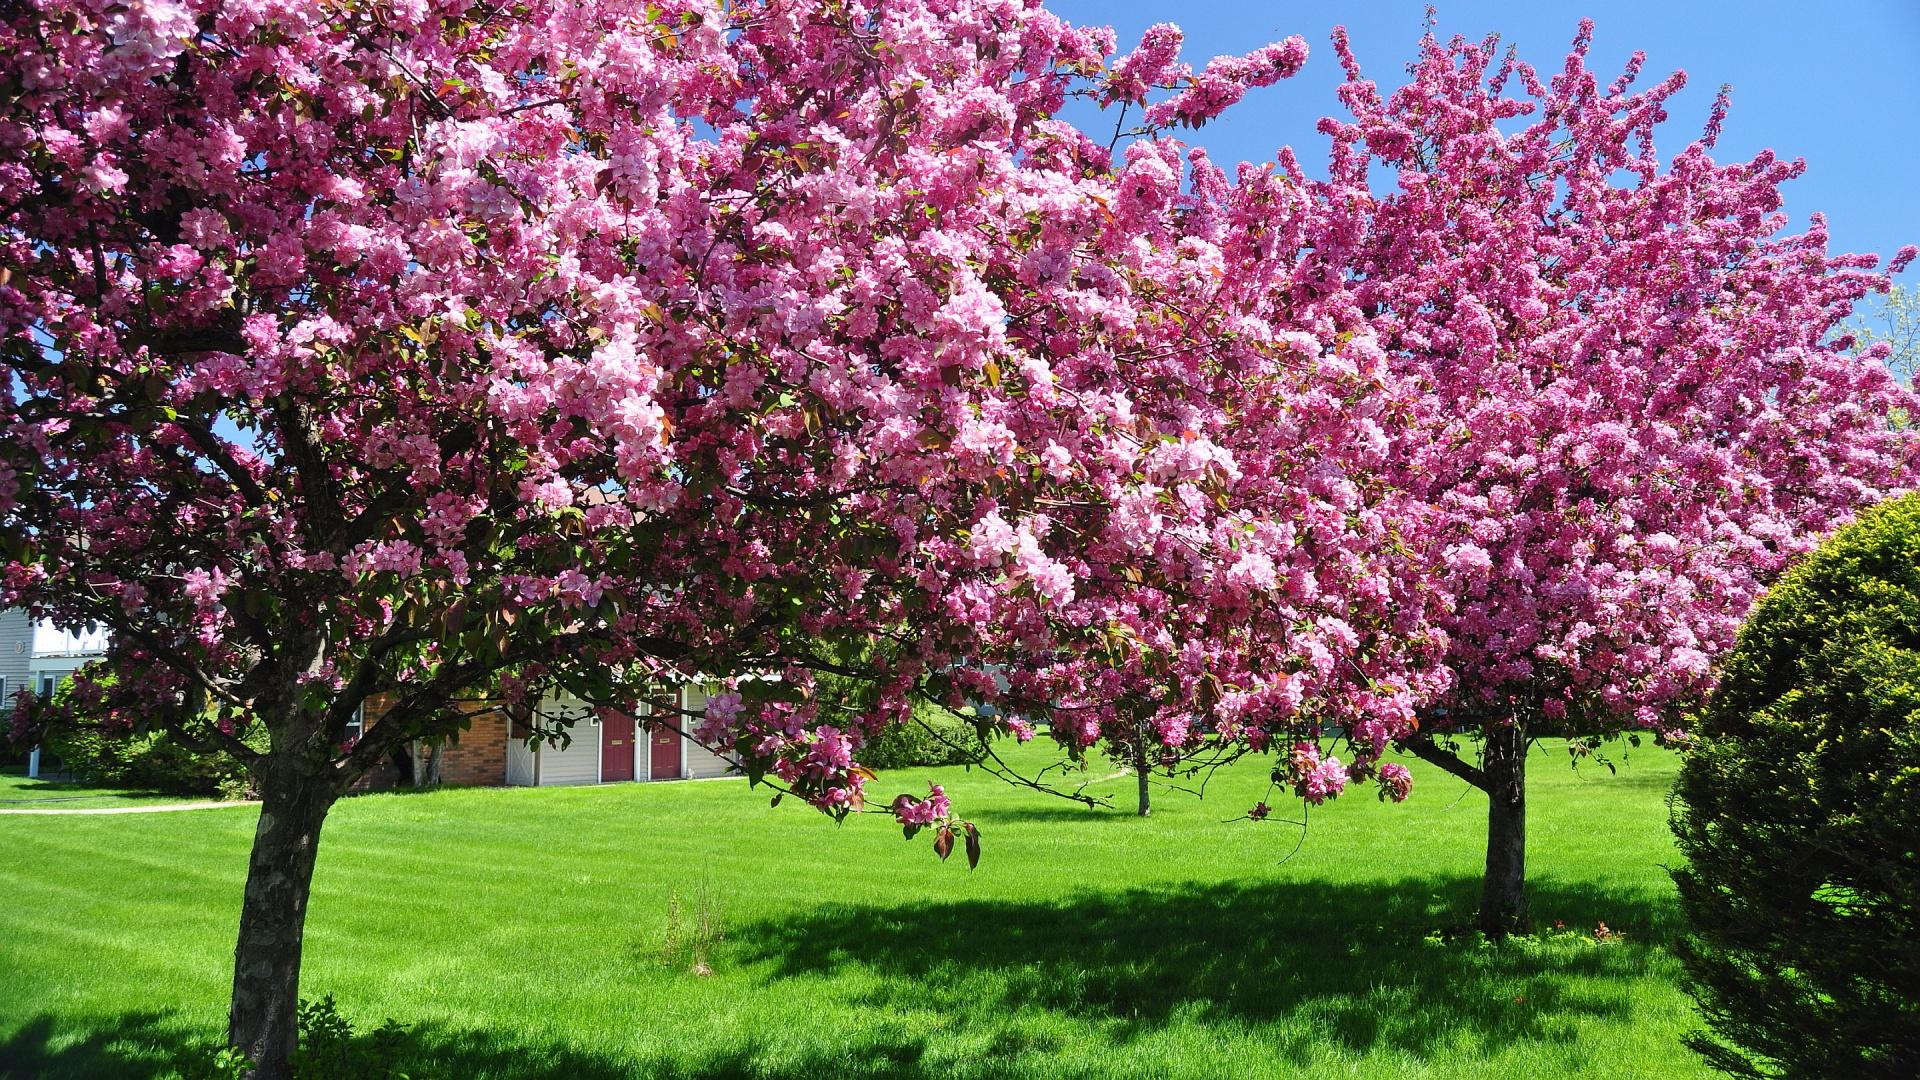 Landscape Natural Spring Image